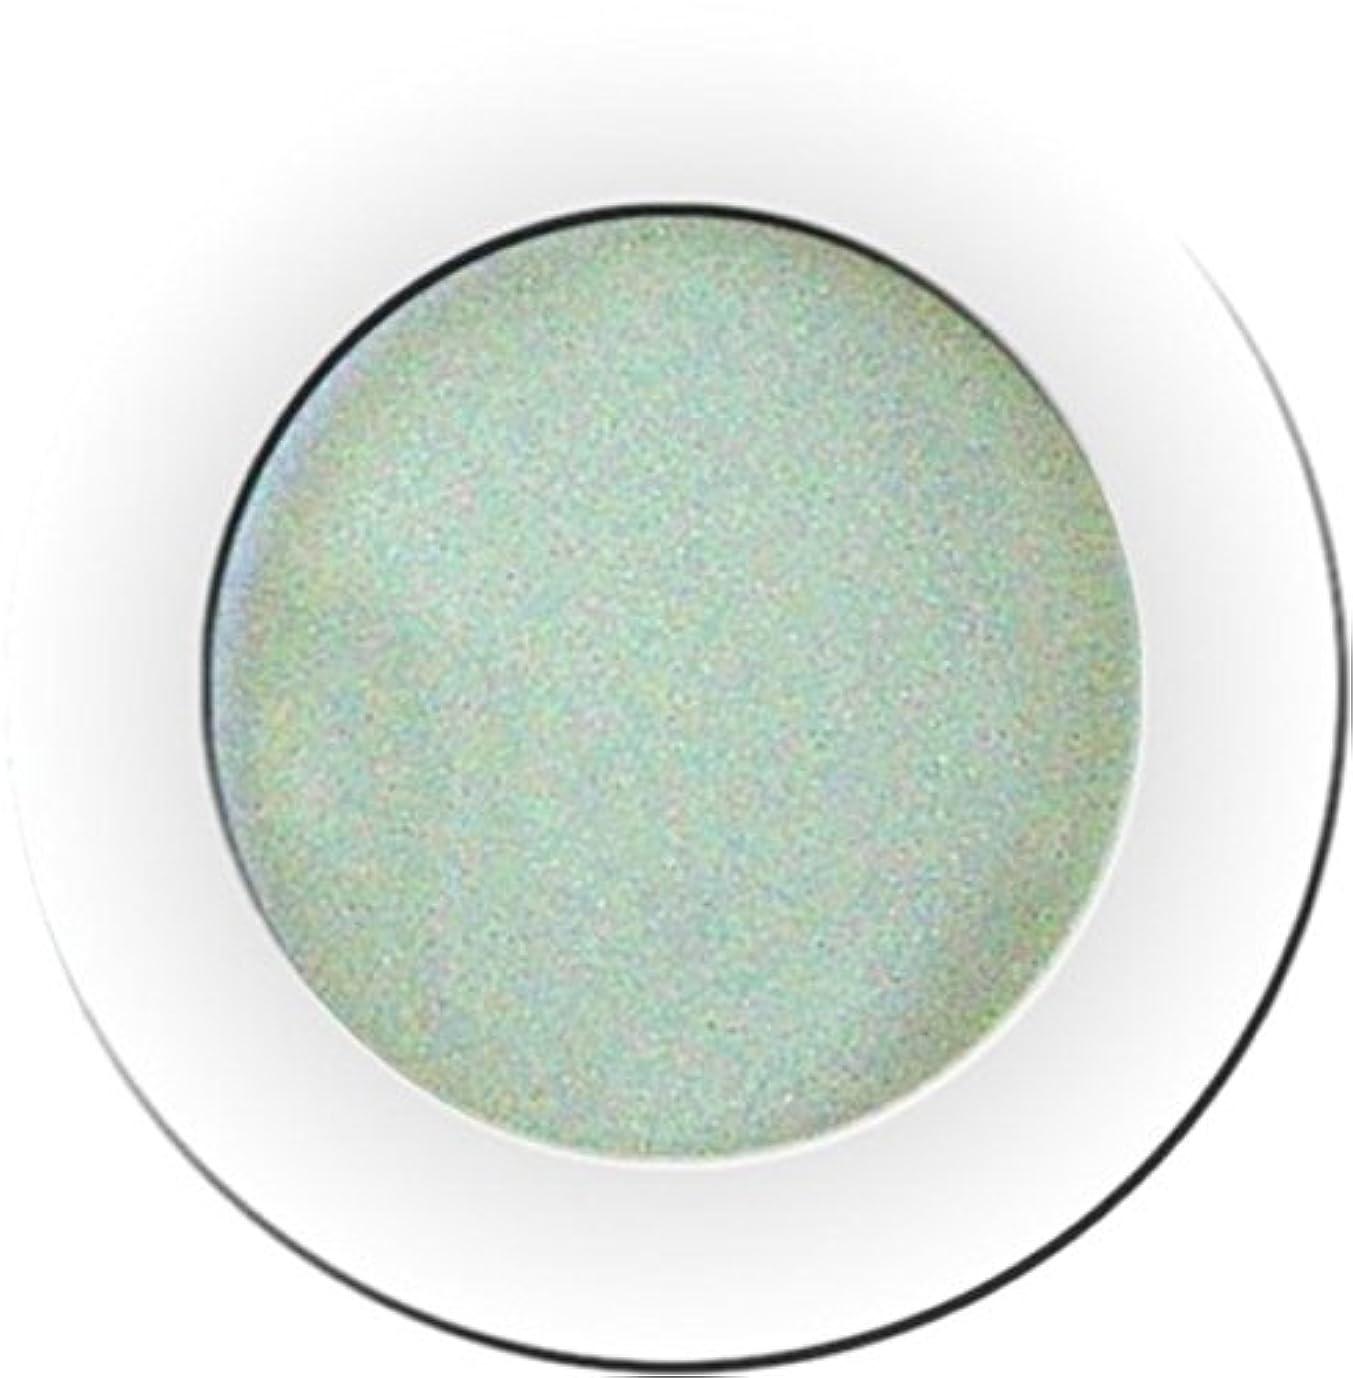 パウダーリテラシー艶カラーパウダー 7g インターバル